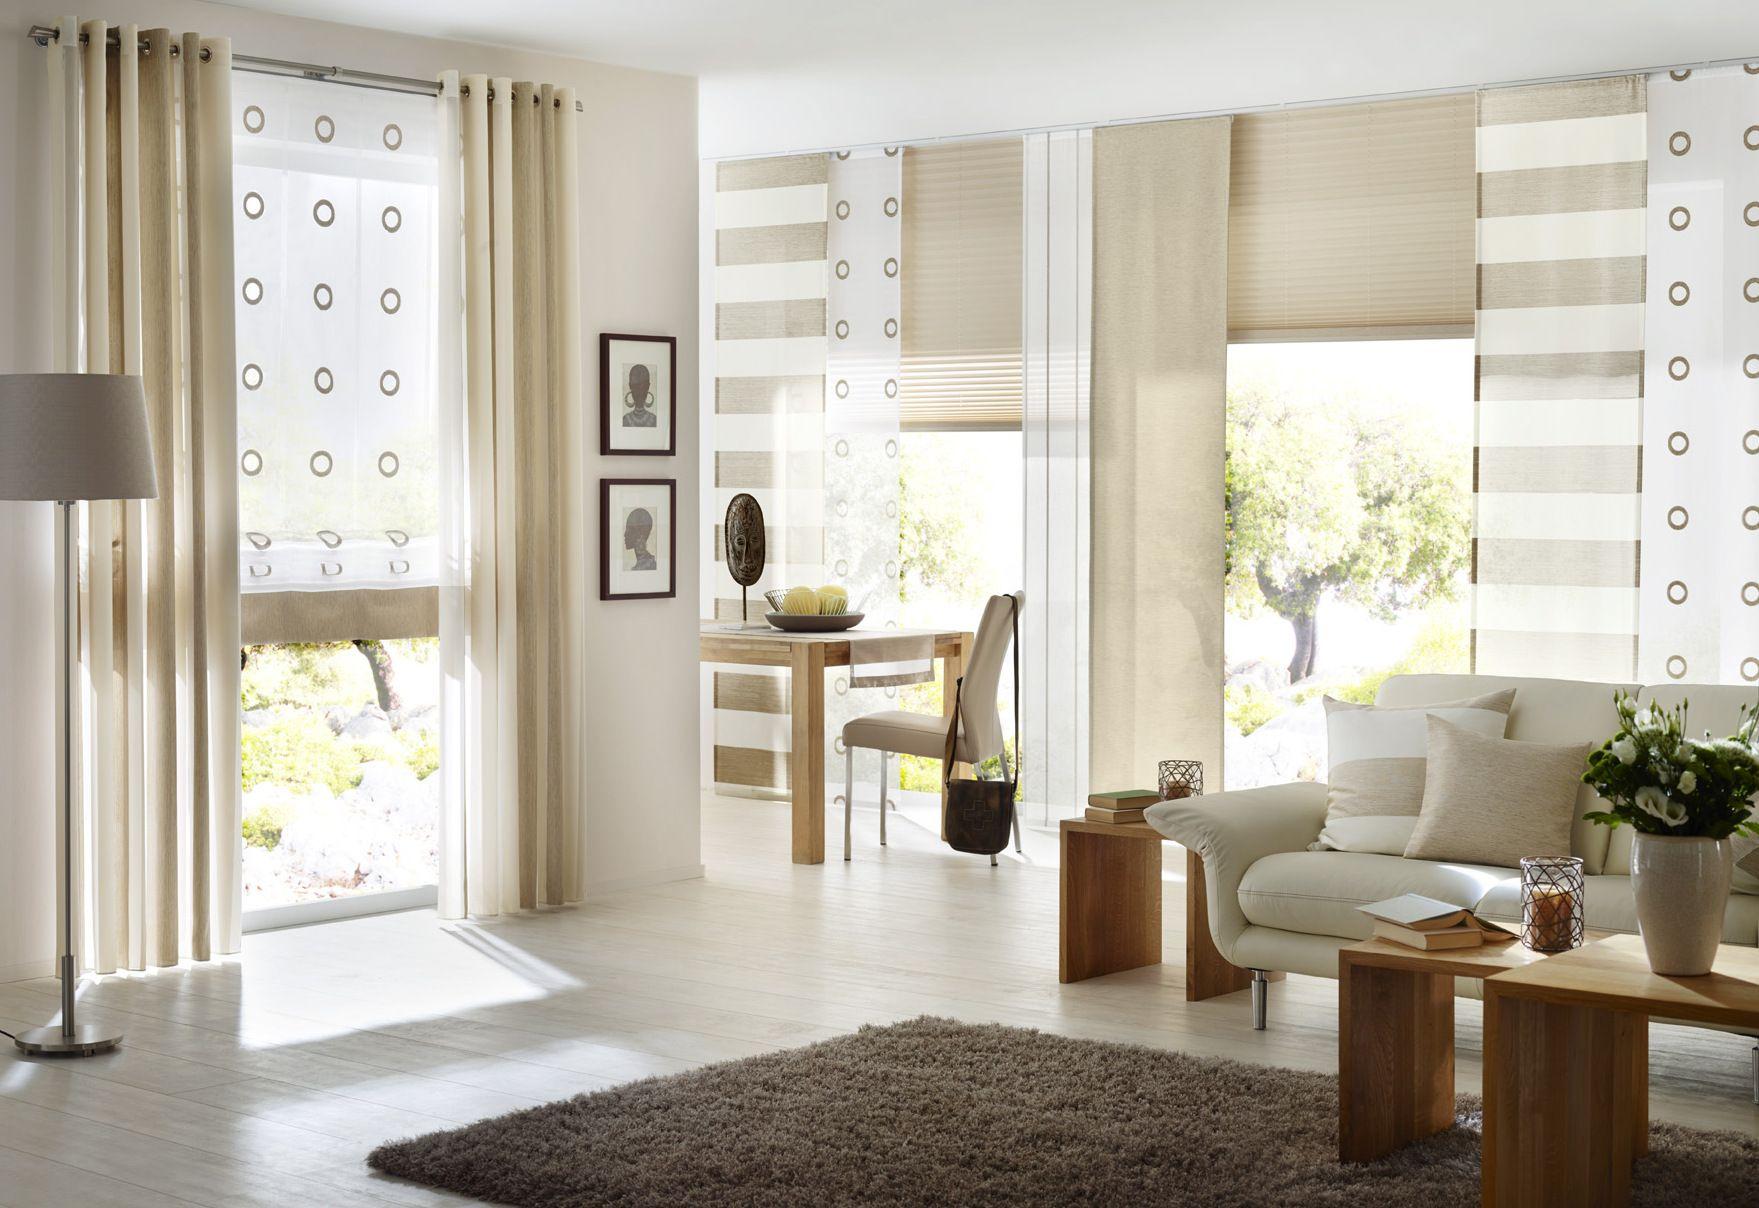 Fenster Purenature Gardinen Dekostoffe Vorhang